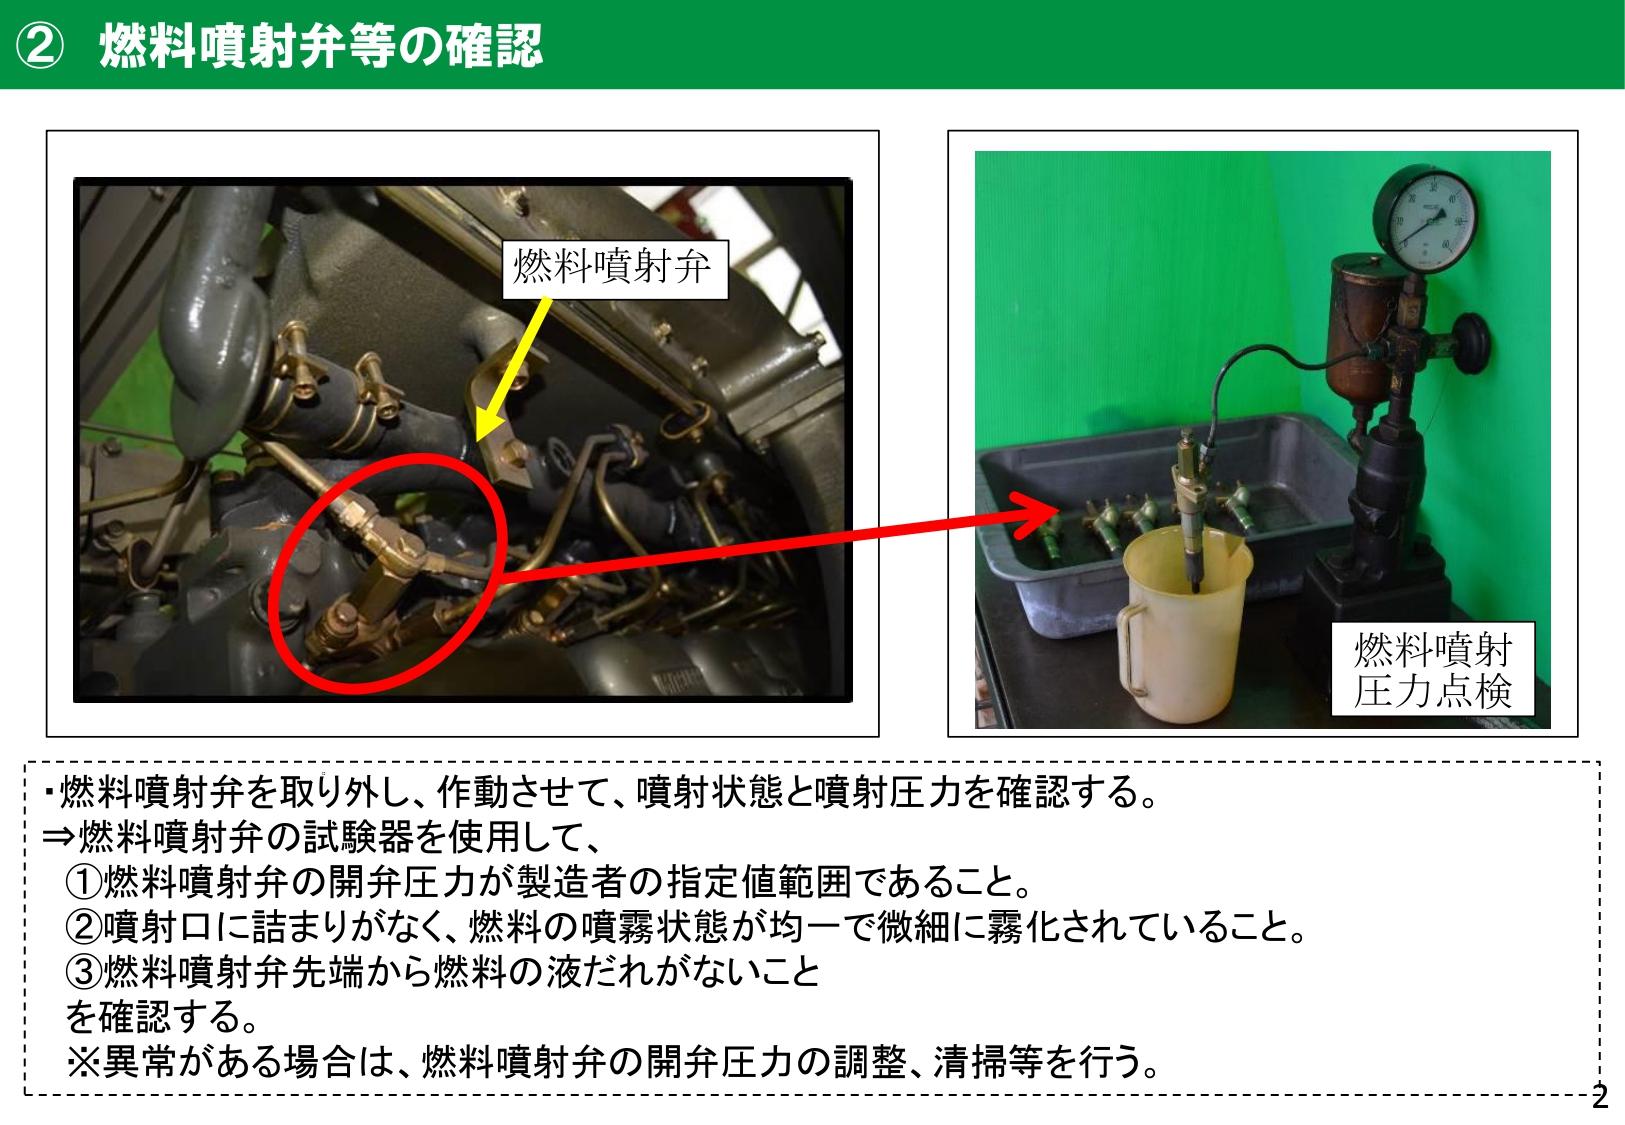 燃料噴射弁等の確認